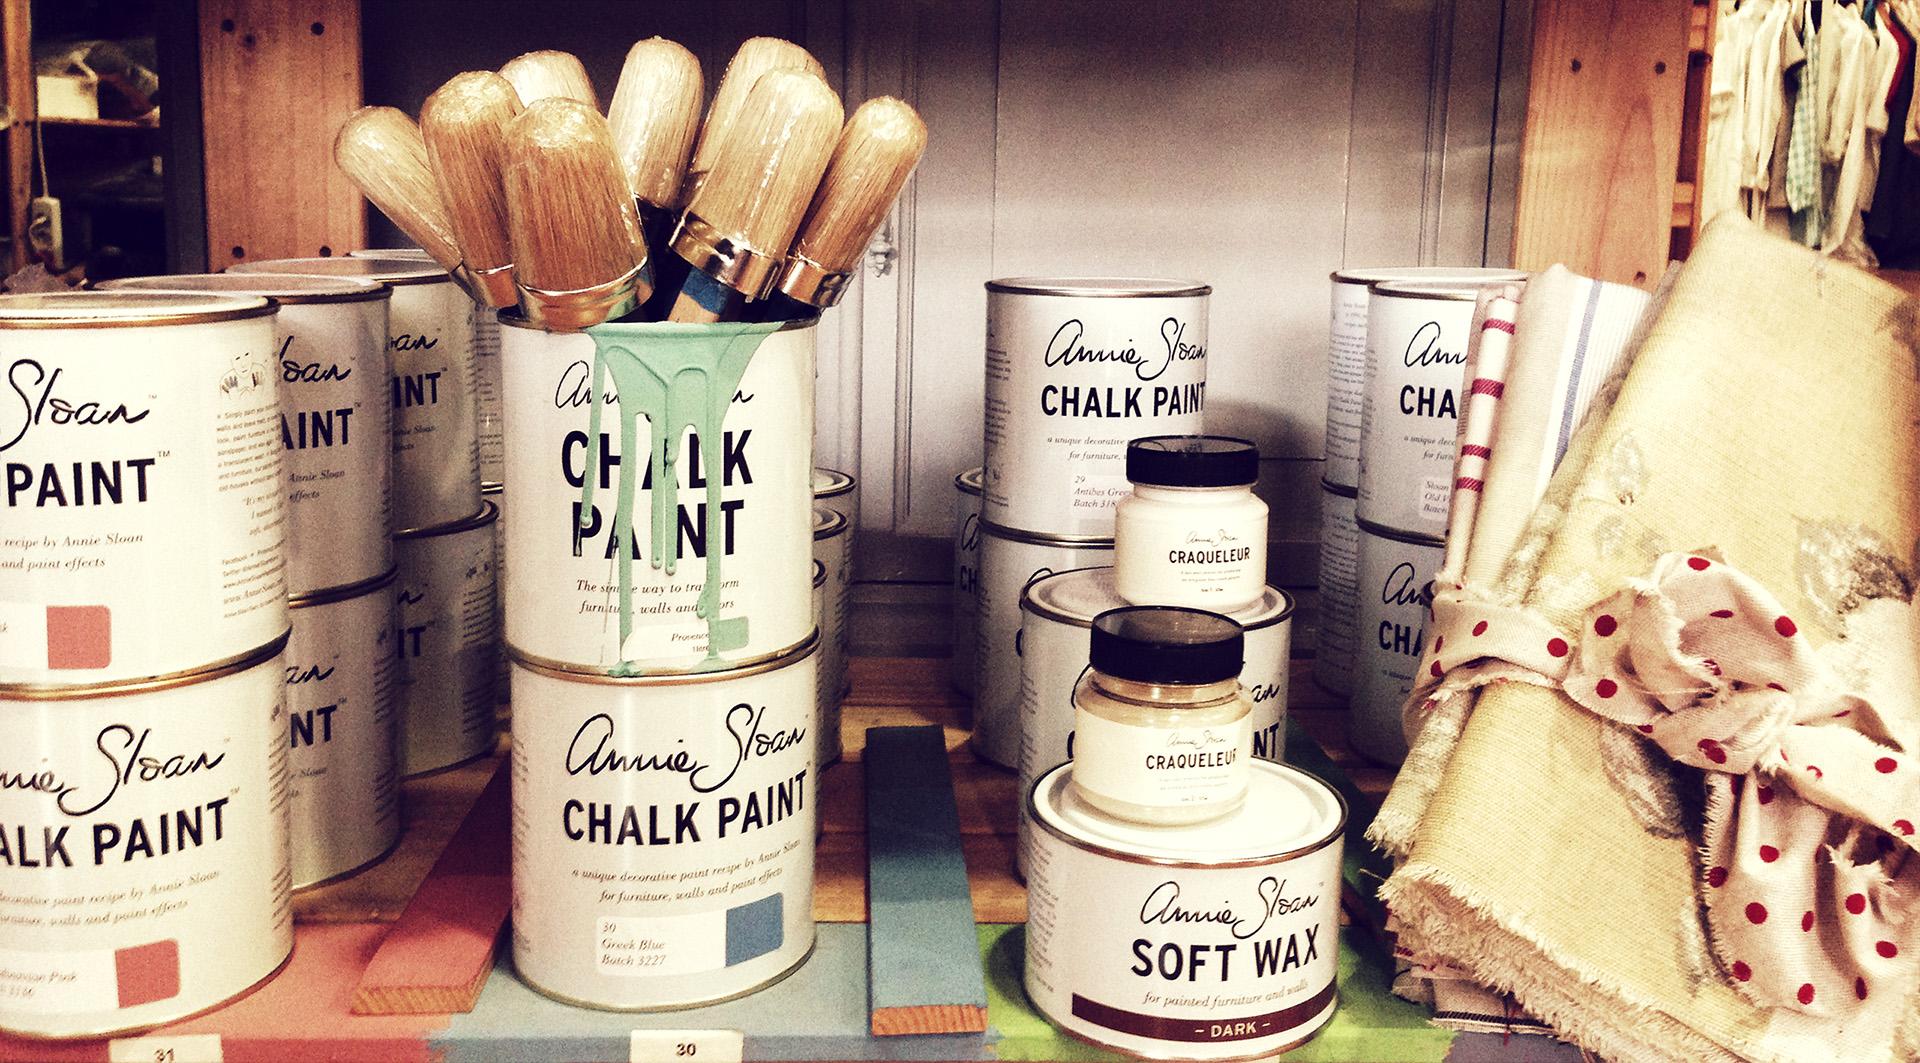 Como Fabricar Tu Propia Chalkpaint Para Pintar Con Tus Hijos  ~ Pintura Pizarra Leroy Merlin Precio